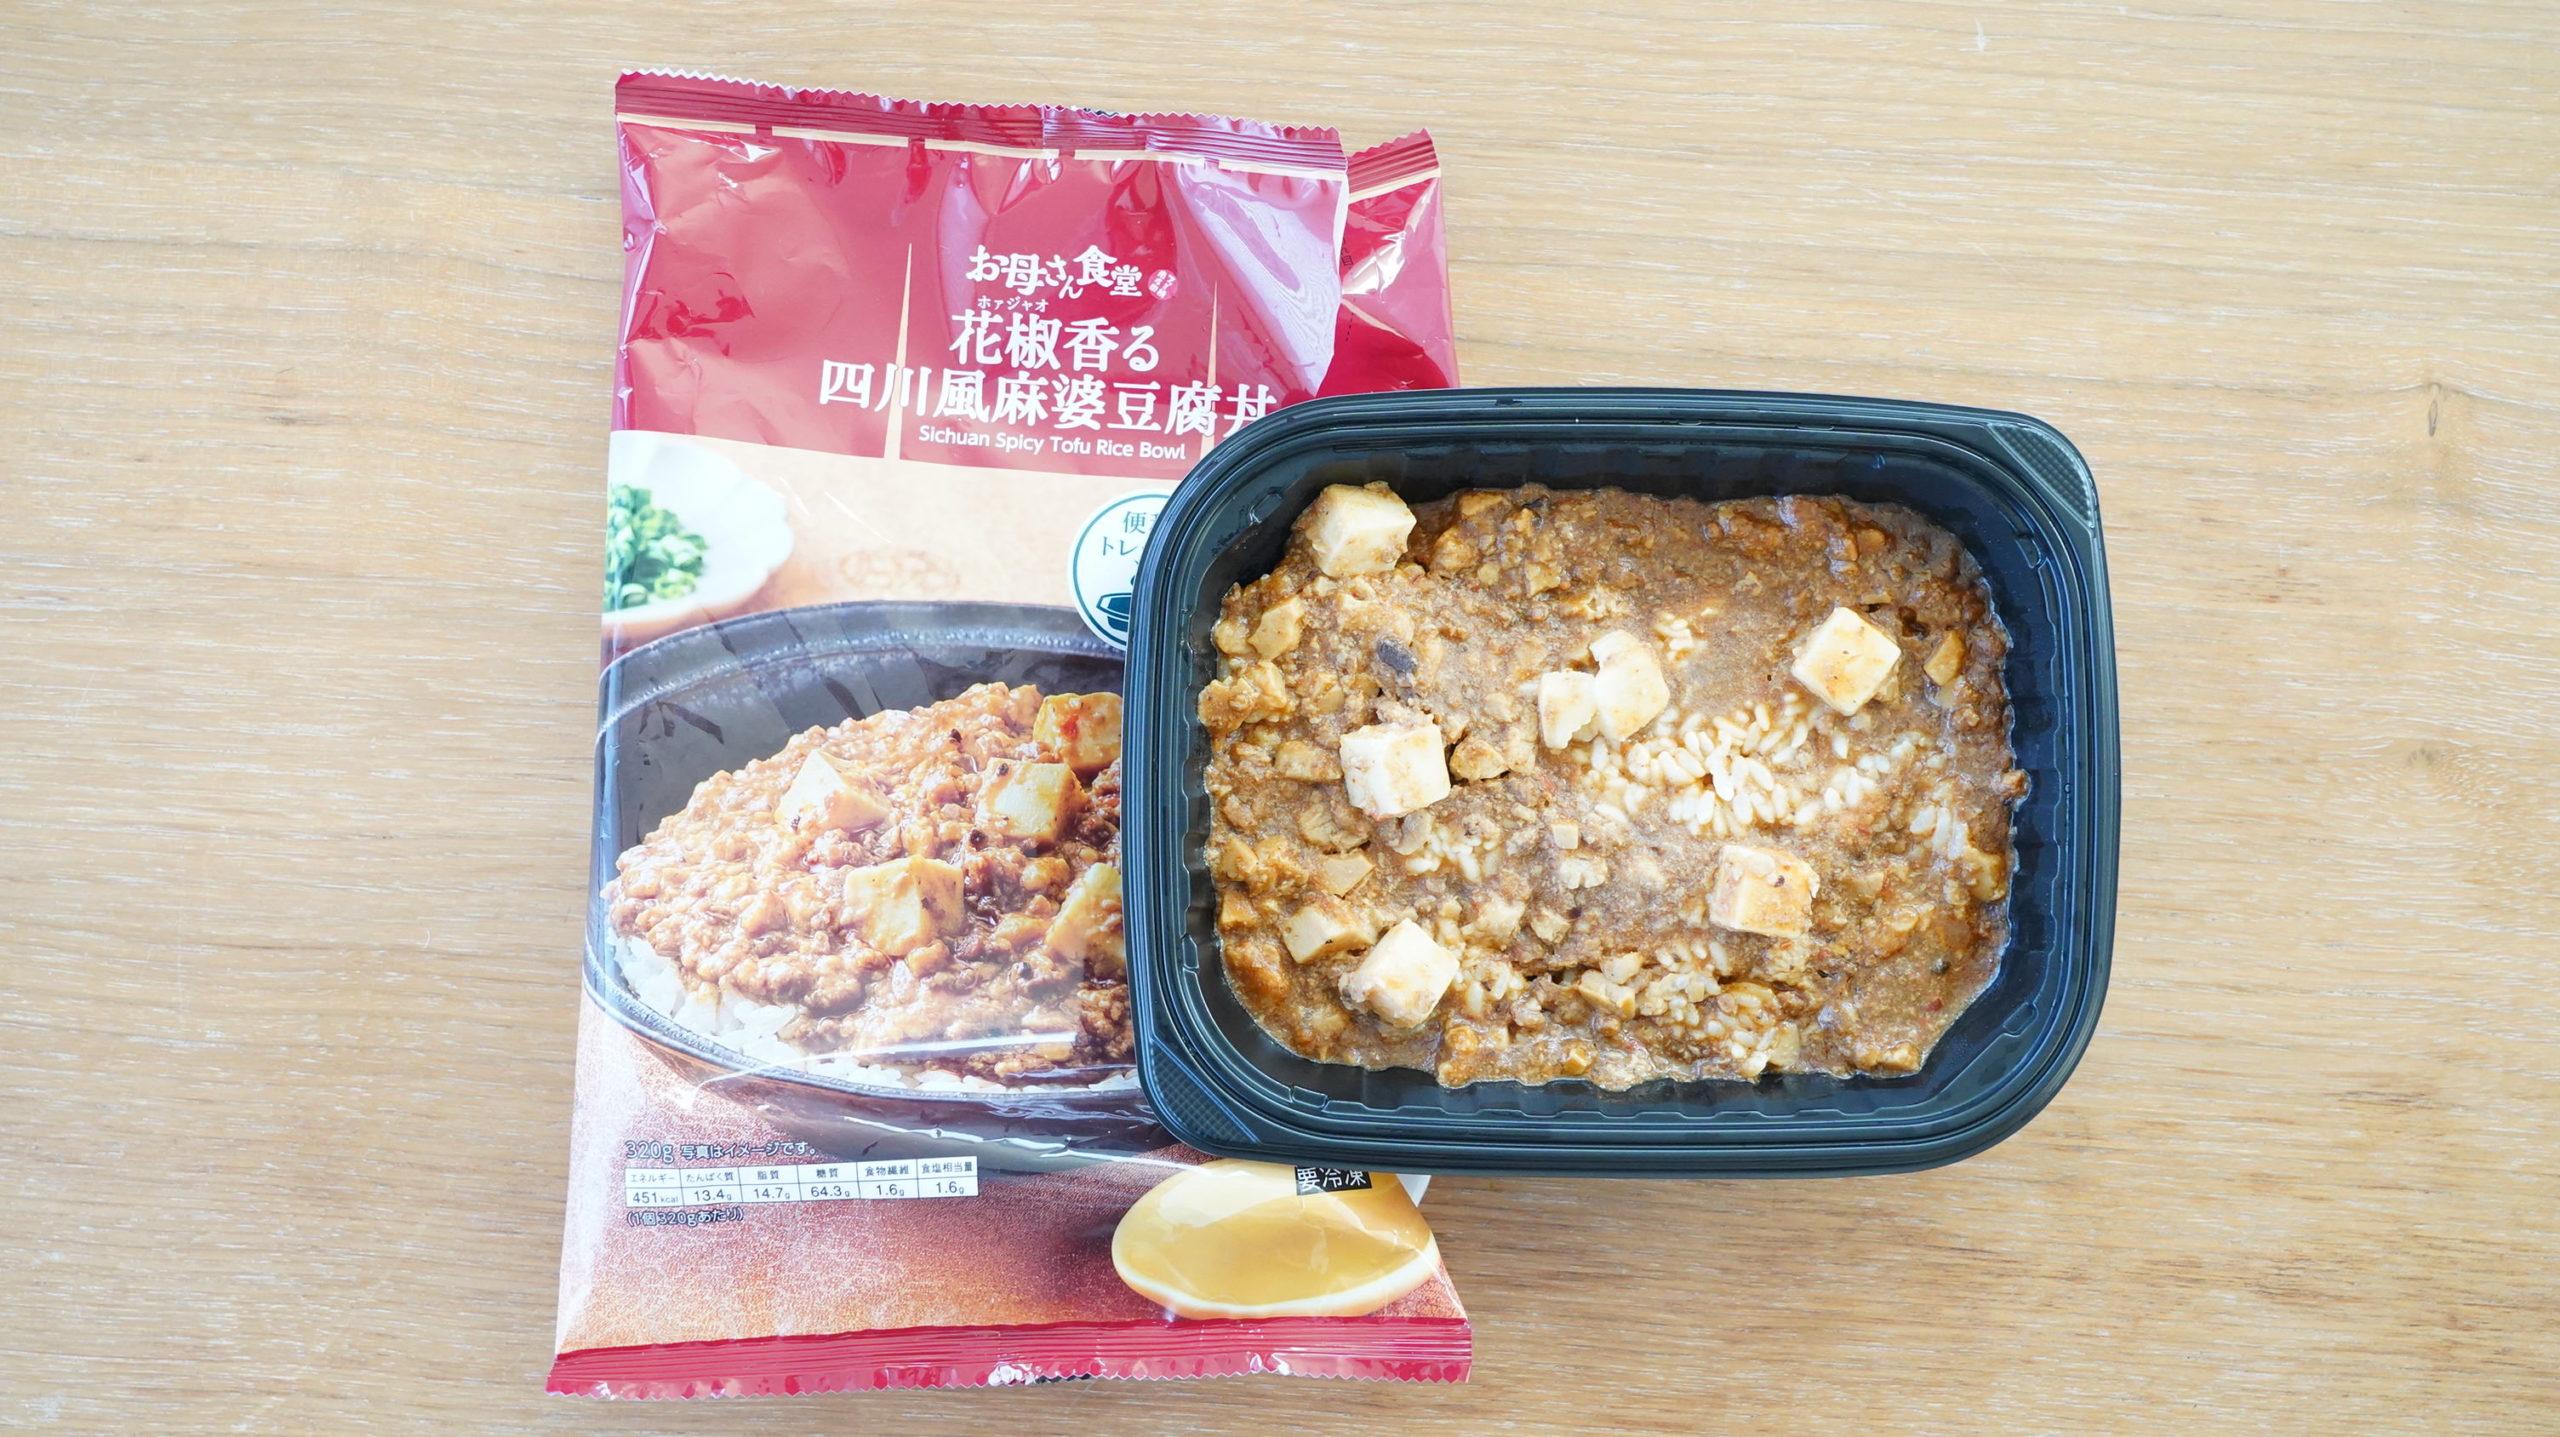 ファミリーマートの冷凍食品「花椒香る四川風麻婆豆腐丼」のパッケージと中身の写真